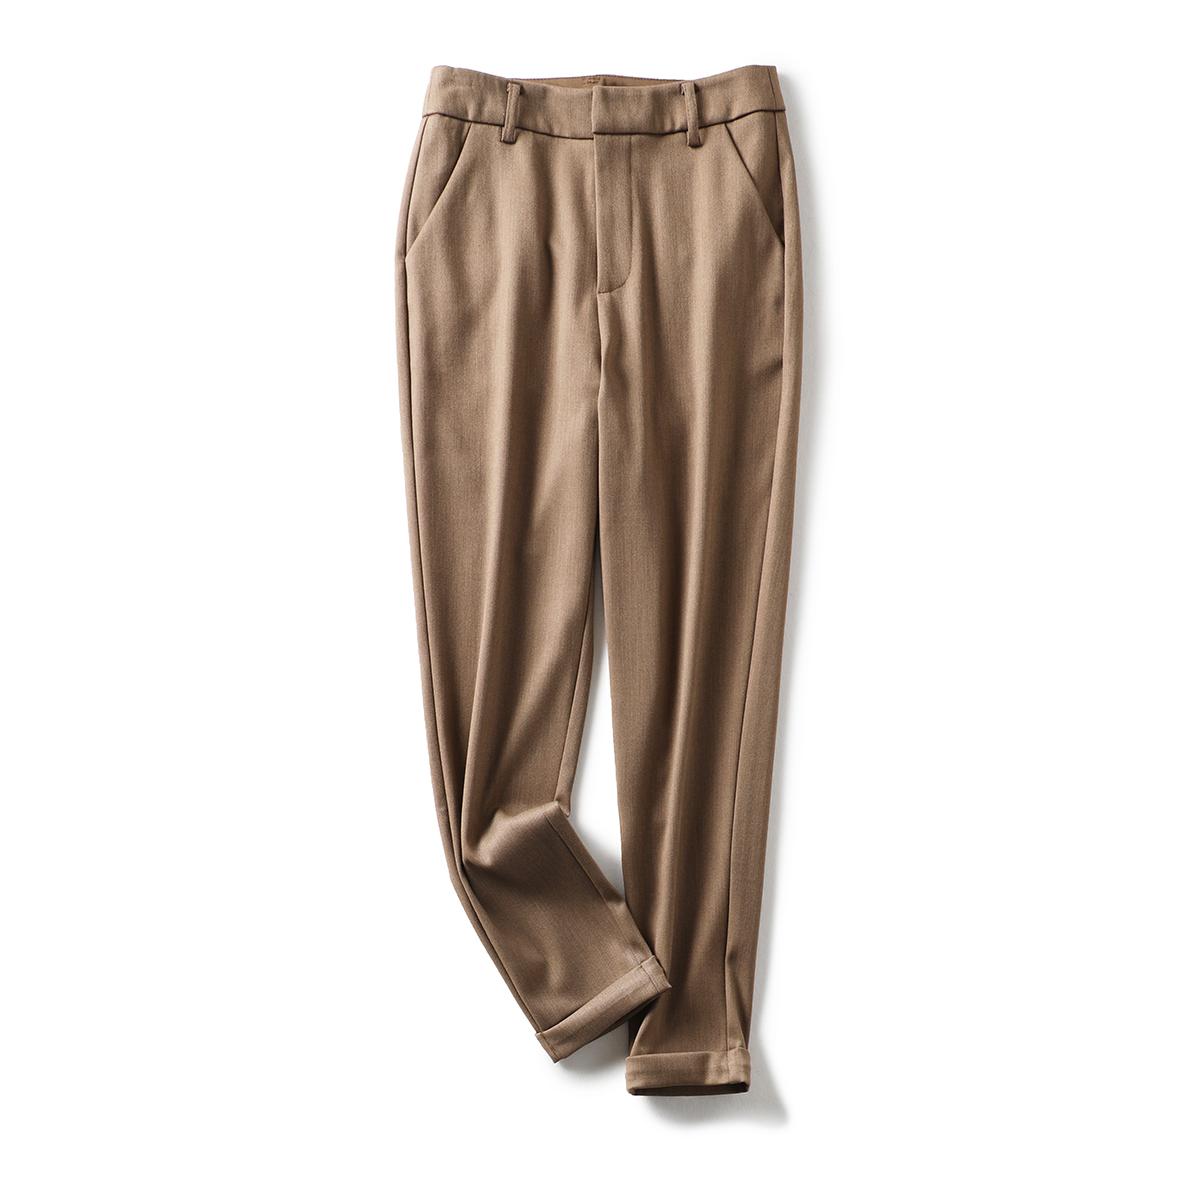 通勤BI备单品 高垂抗皱显腿直~卷边裤口简约纯色休闲裤烟管裤秋新